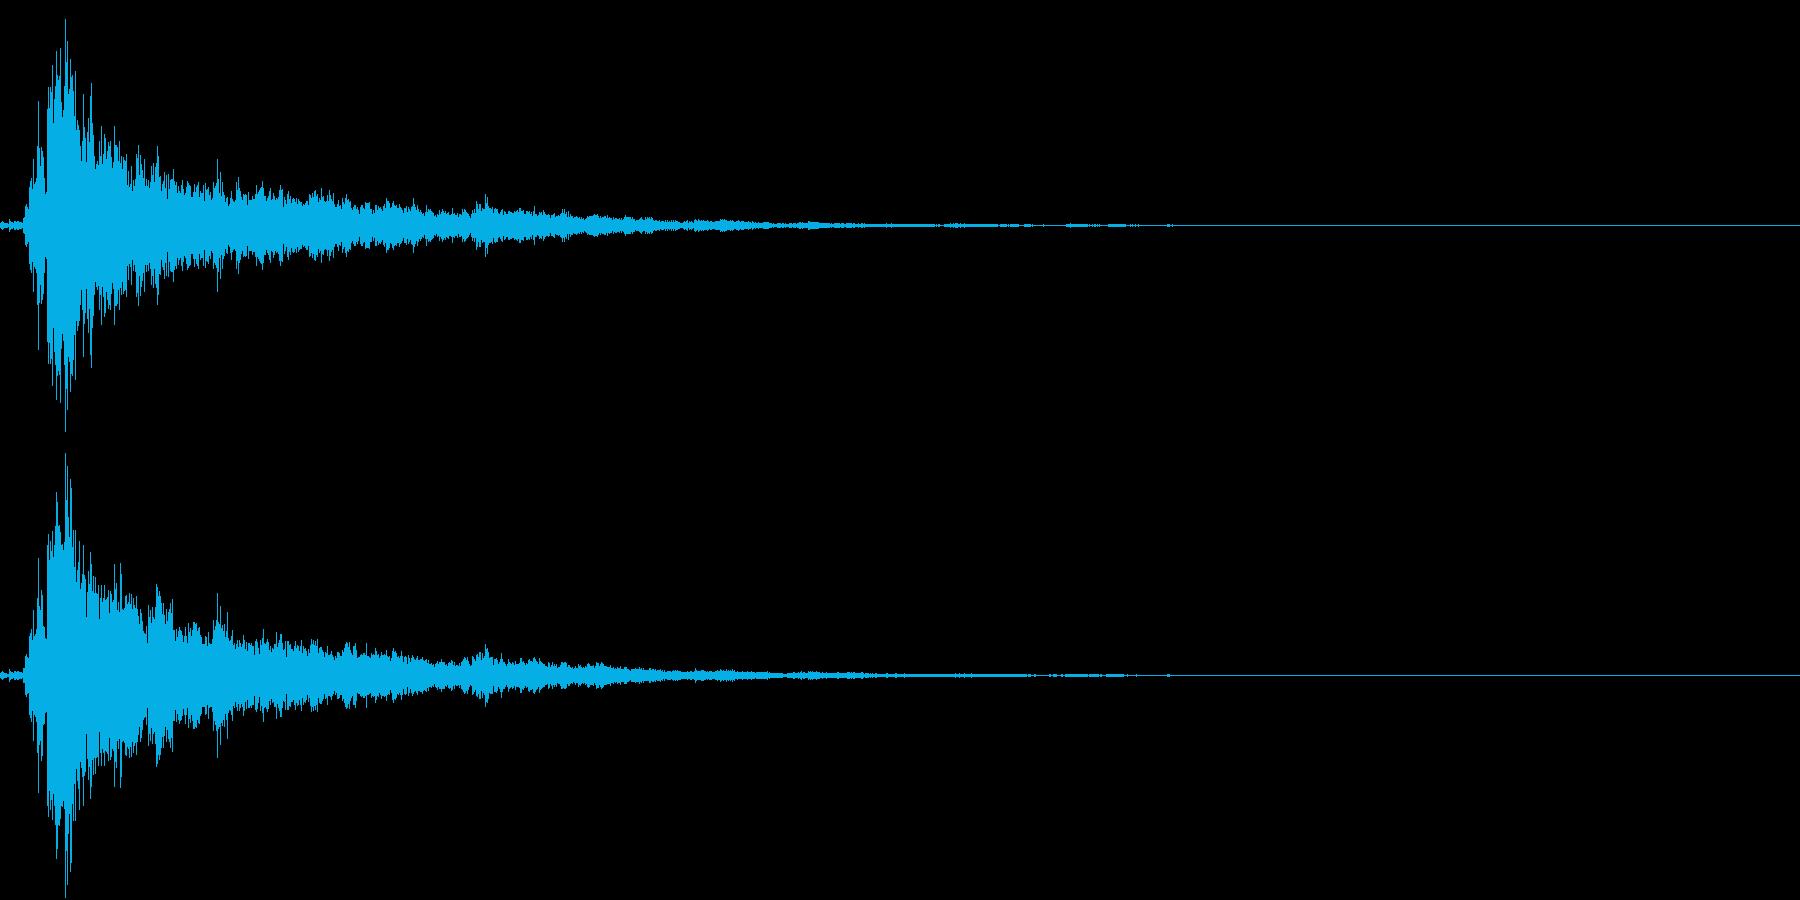 「シャン〜〜」象徴的な鈴の音1+リバーブの再生済みの波形